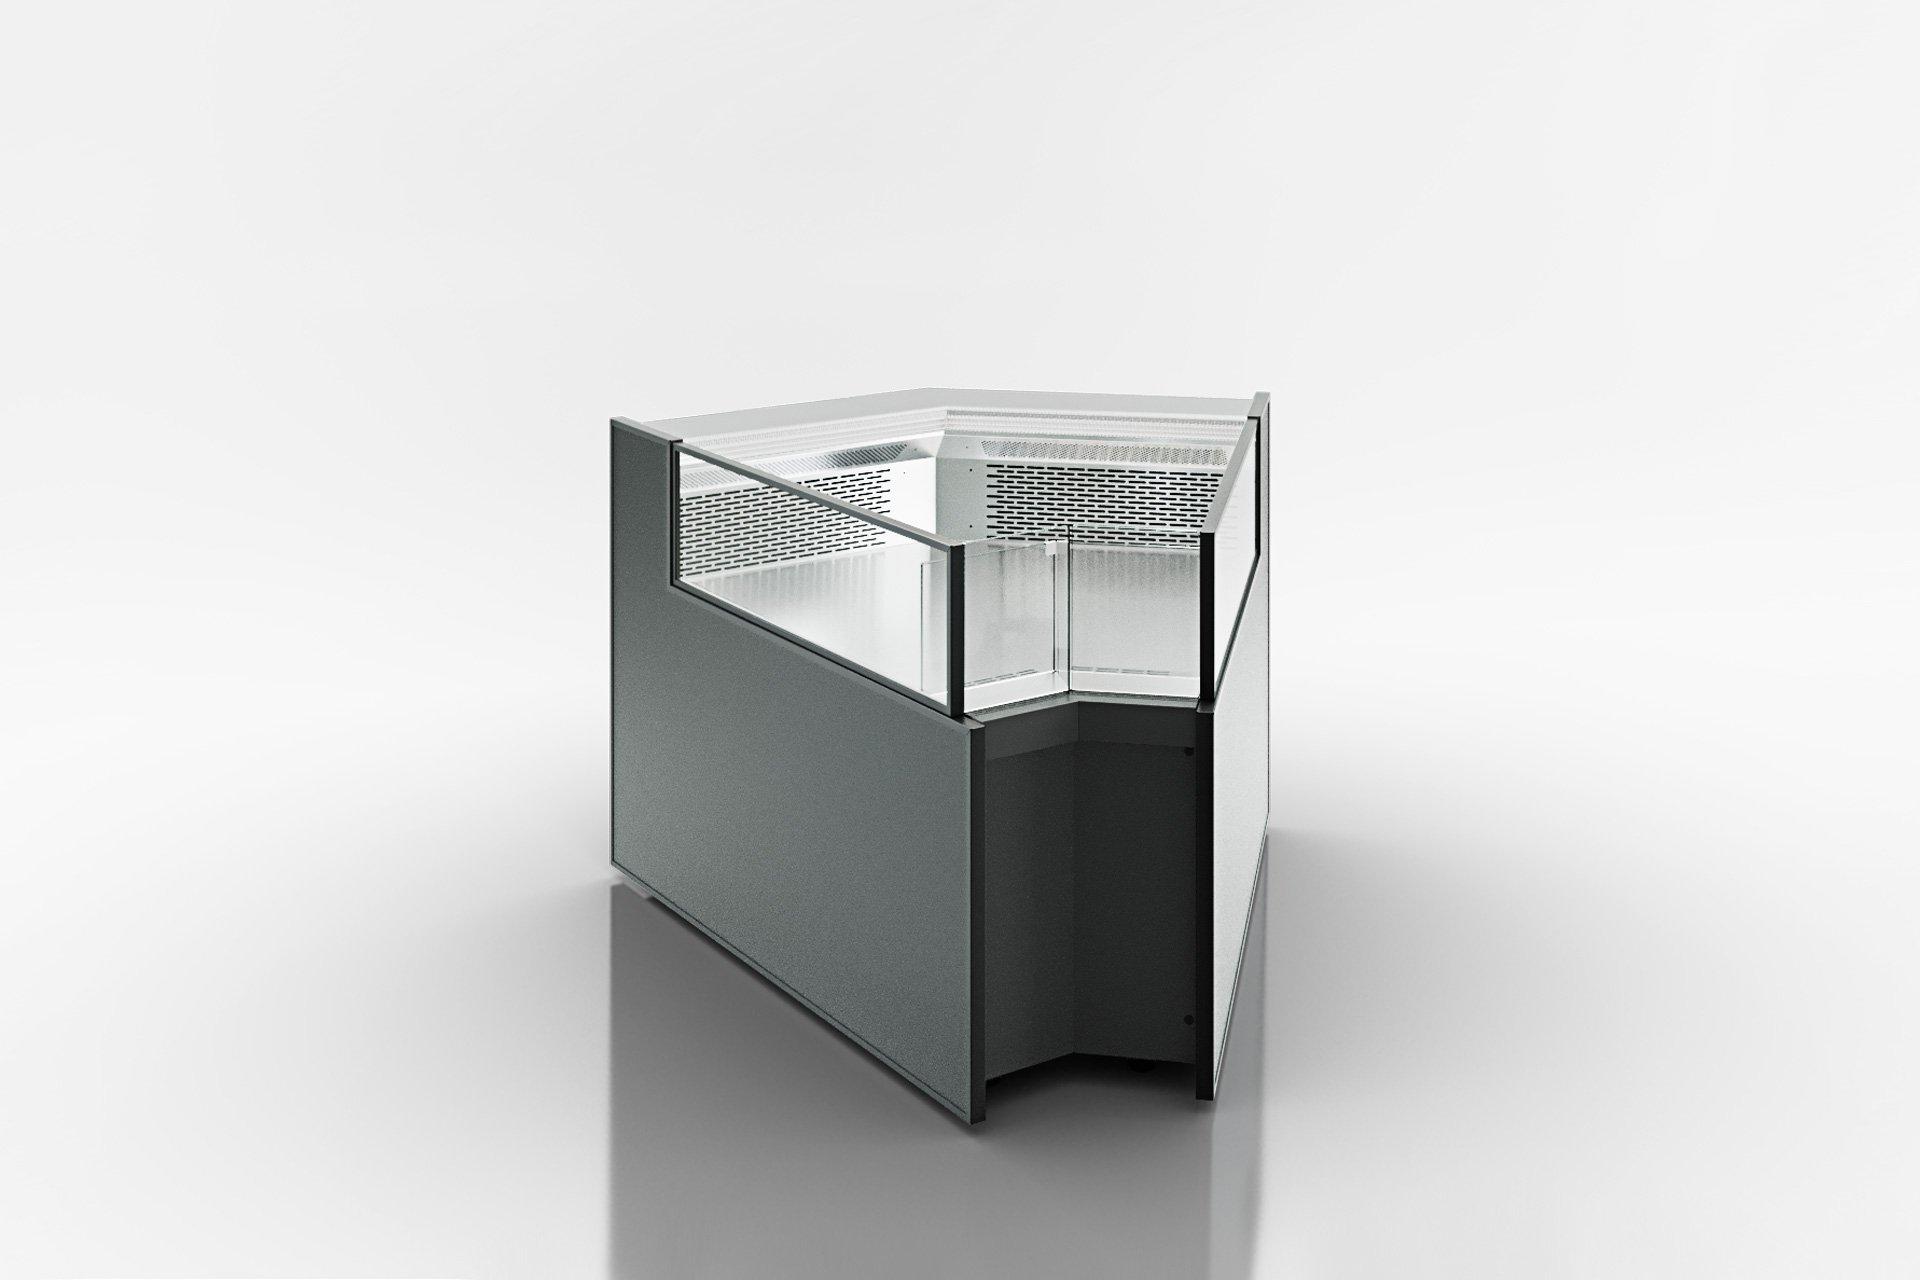 Eckelemente der Kühlfenstern Missouri MC 120 deli self 086-DLM-IS45